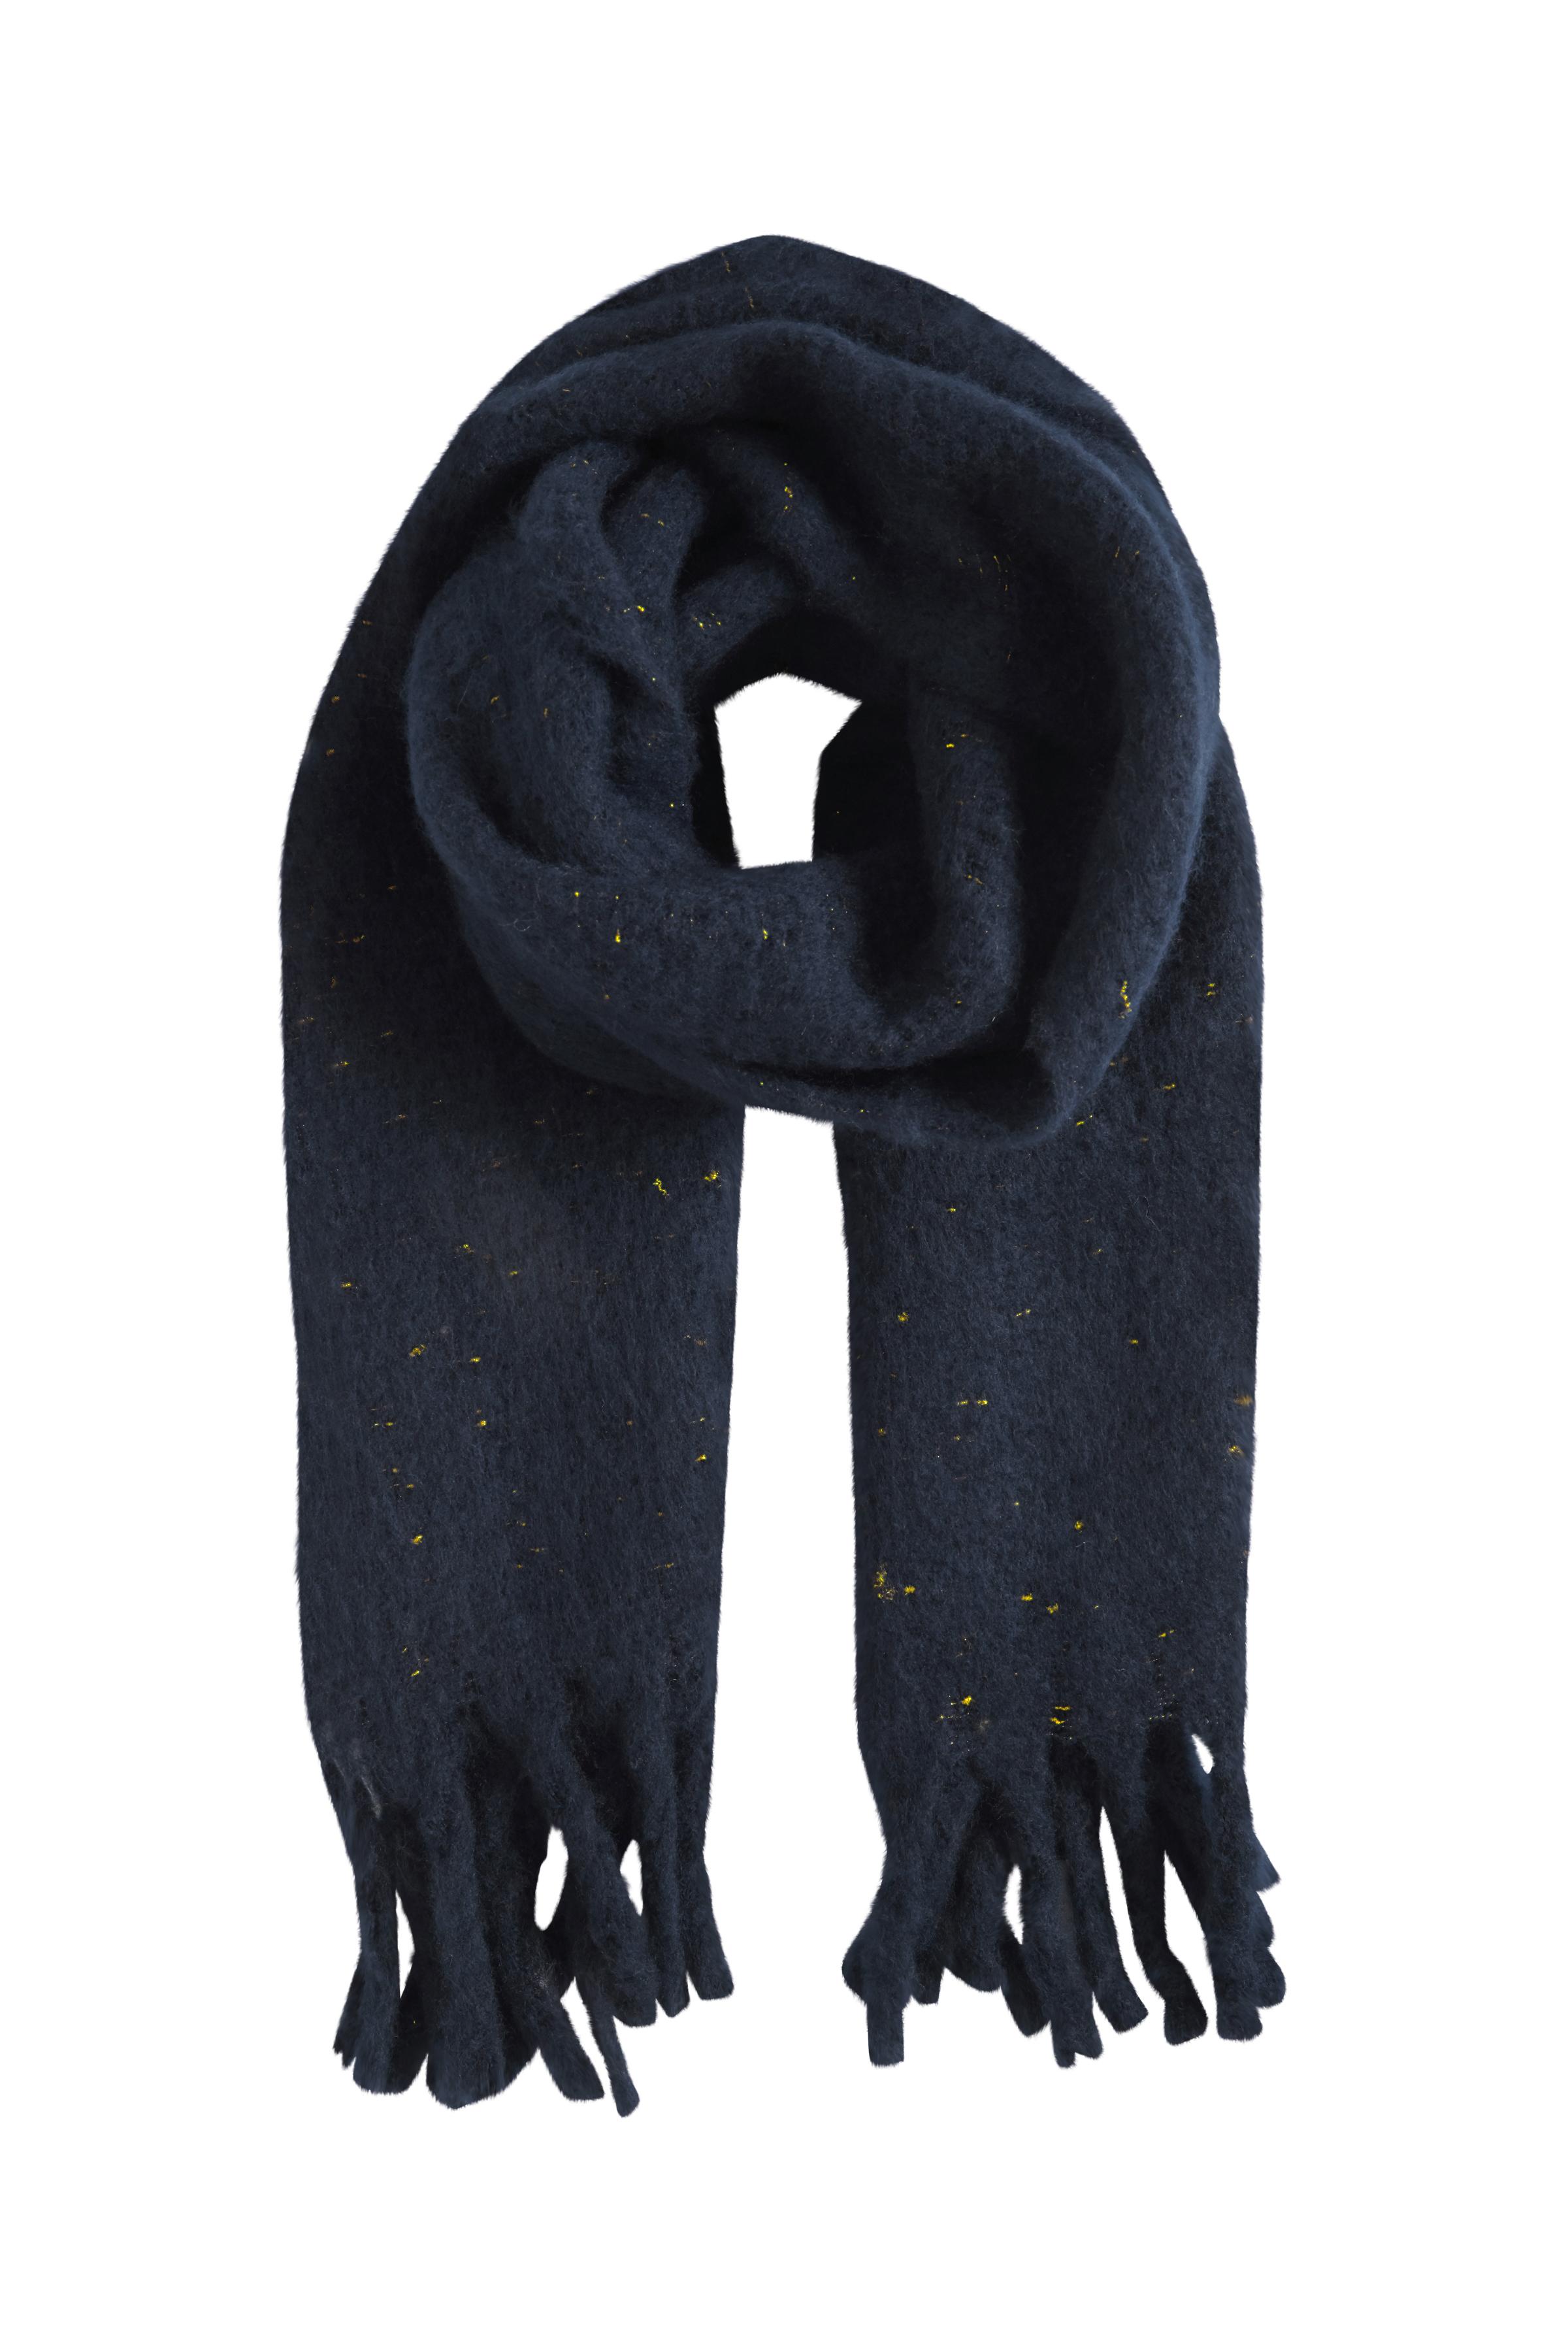 Image of Ichi - accessories Dame Halstørklæde - Mørkeblå